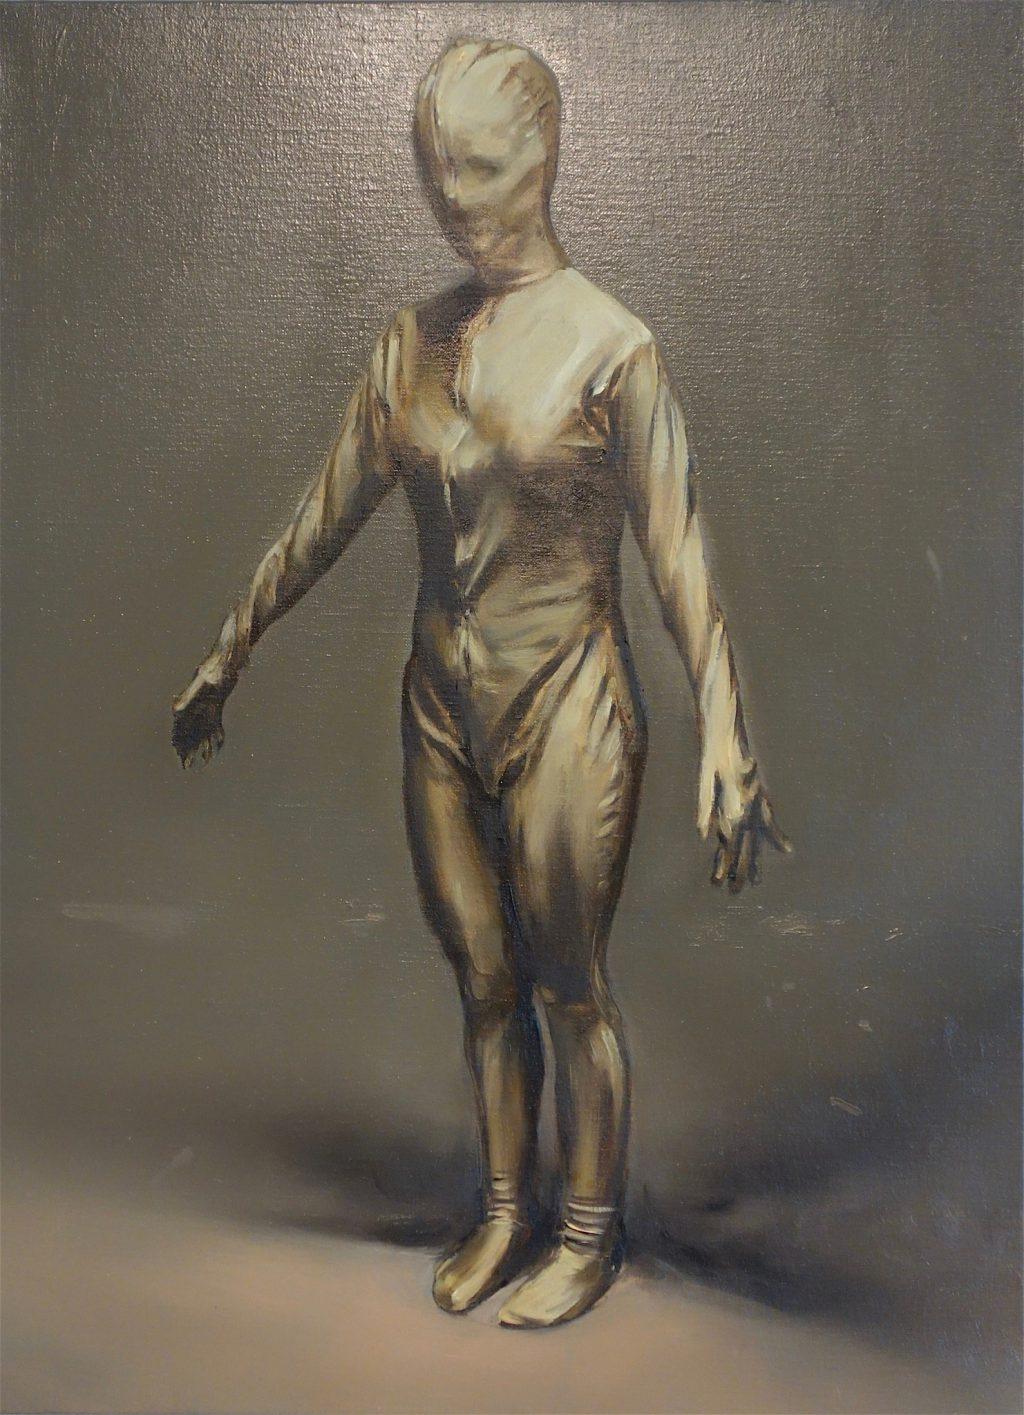 """Michaël Borremans """"Molly"""" 2018, oil on canvas"""